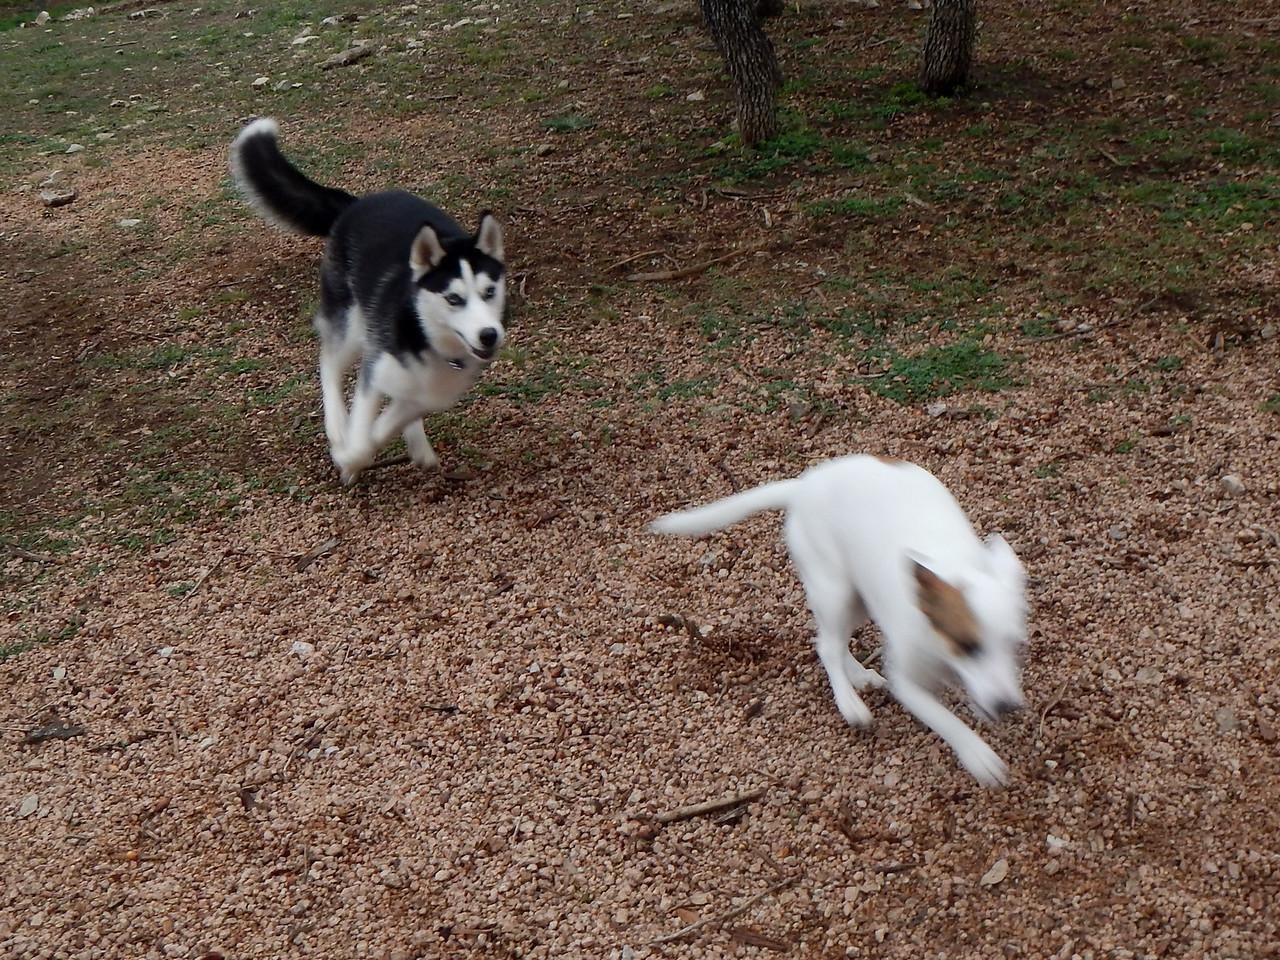 Kiki catching up to Bella A